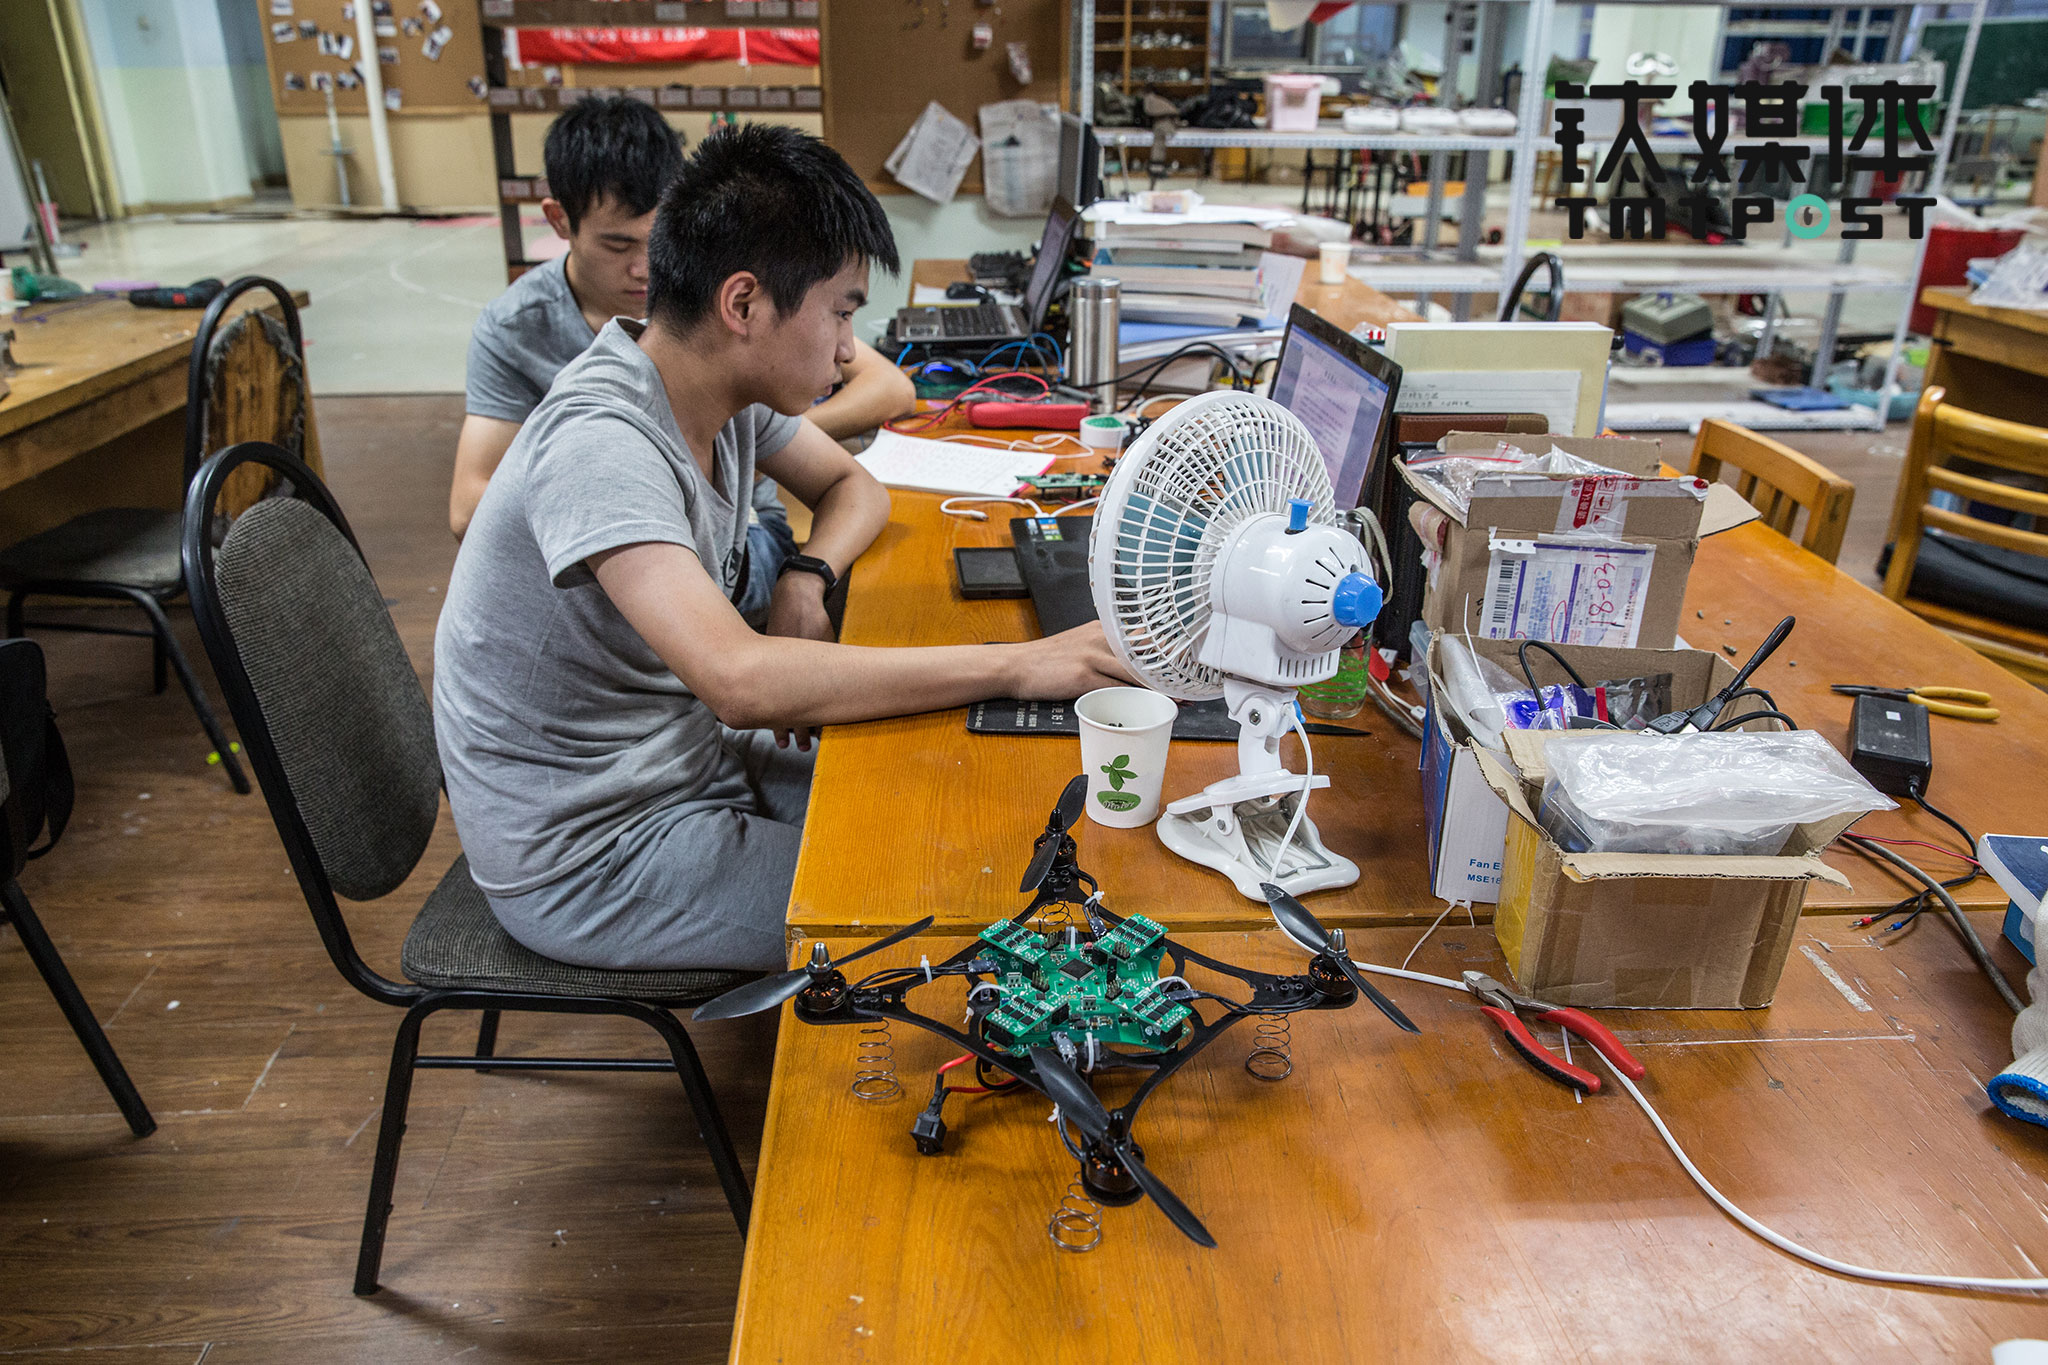 8 队员耿钦是一名机电设计发烧友,对挑战技术难题非常感兴趣。出于好玩,他最近刚刚做了一个无人机。